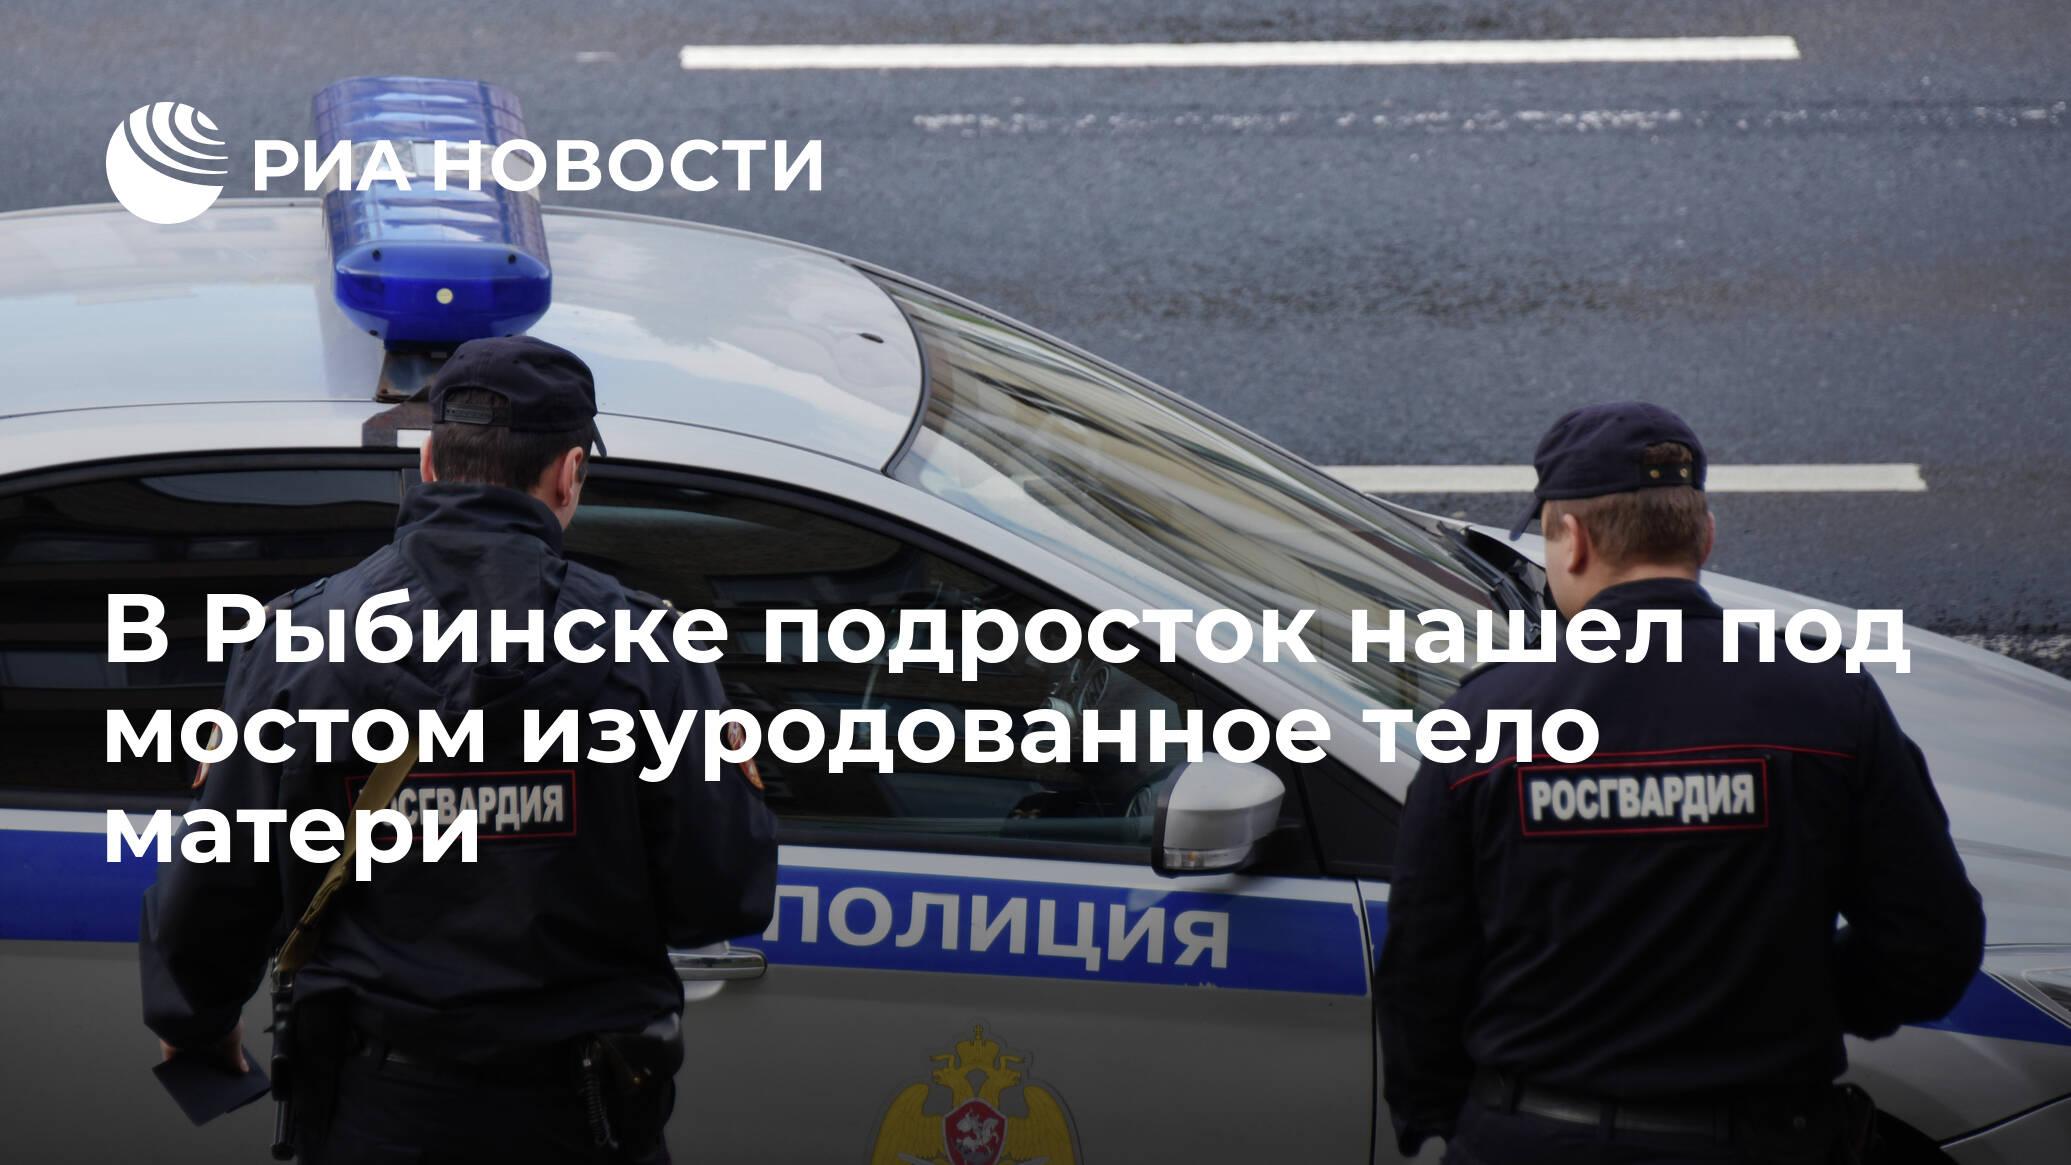 В Рыбинске подросток нашел под мостом изуродованное тело матери